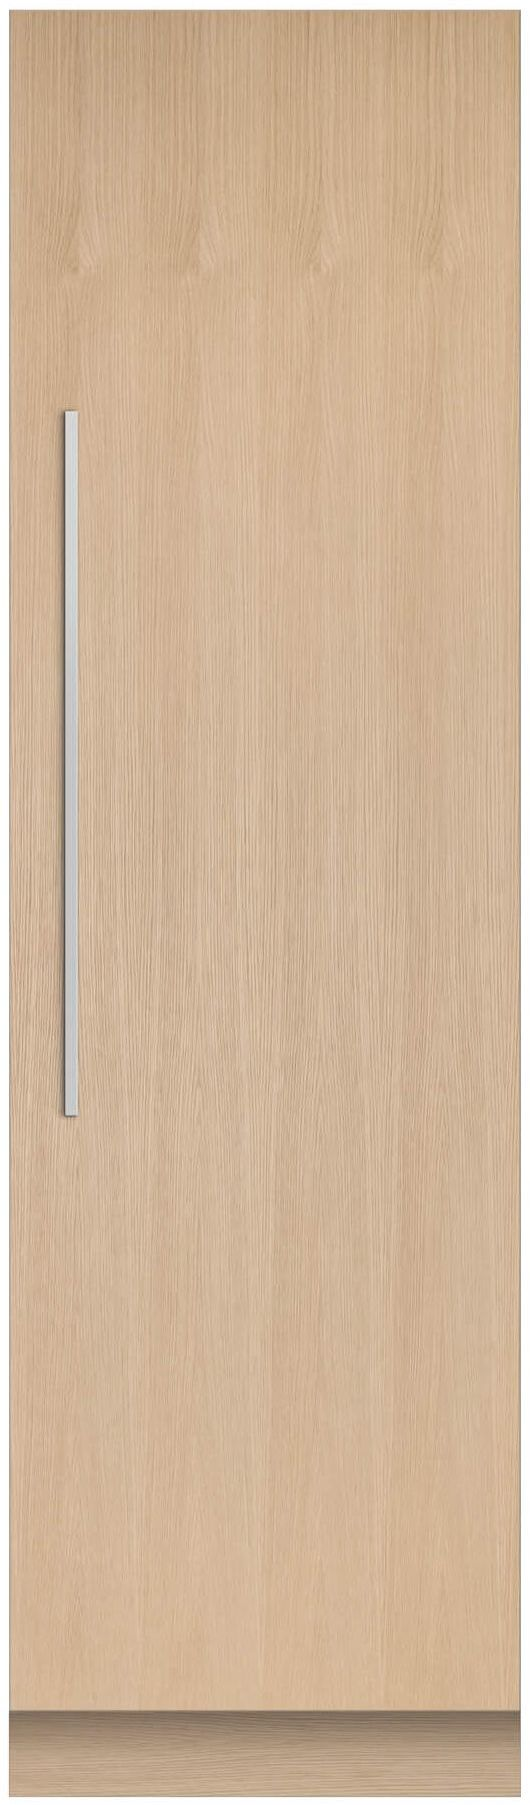 Réfrigérateur en colonne de 24 po Fisher Paykel® de 12,4 pi³ - Prêt pour le panneau-RS2484SR1